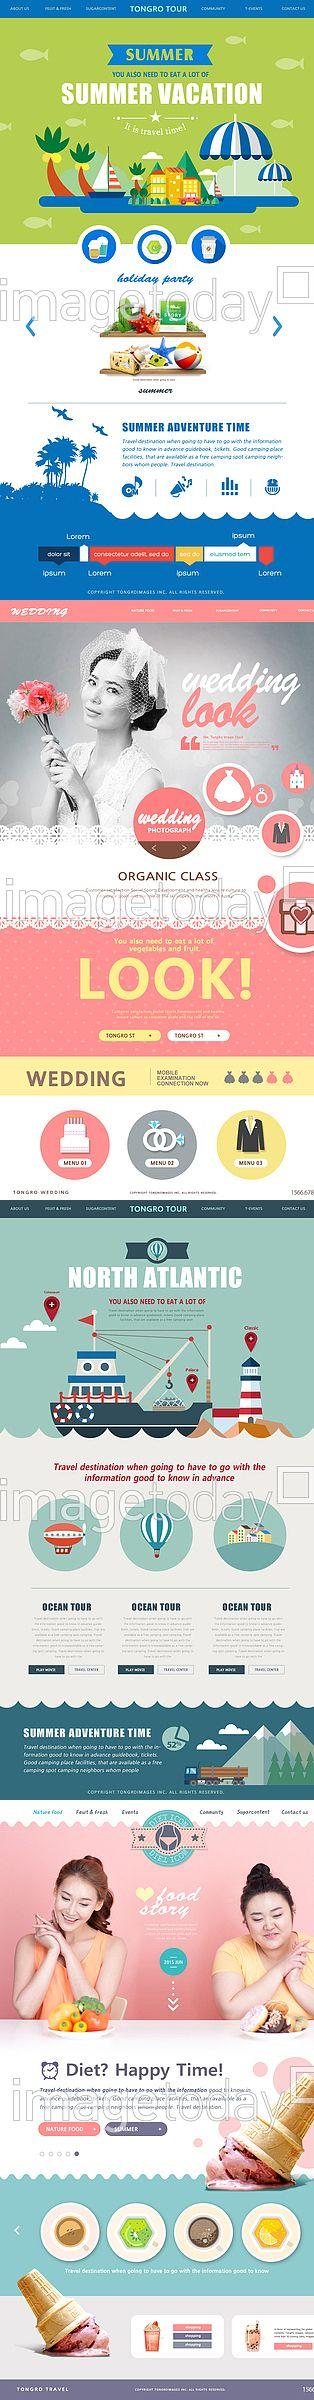 웹디자인 PSD 건축물 계절 바다 백그라운드 버튼 보트 선인장 섬 실루엣 아이콘 야자수 여름 여름방학 여행 여행가방 여행사 웹사이트 웹소스…